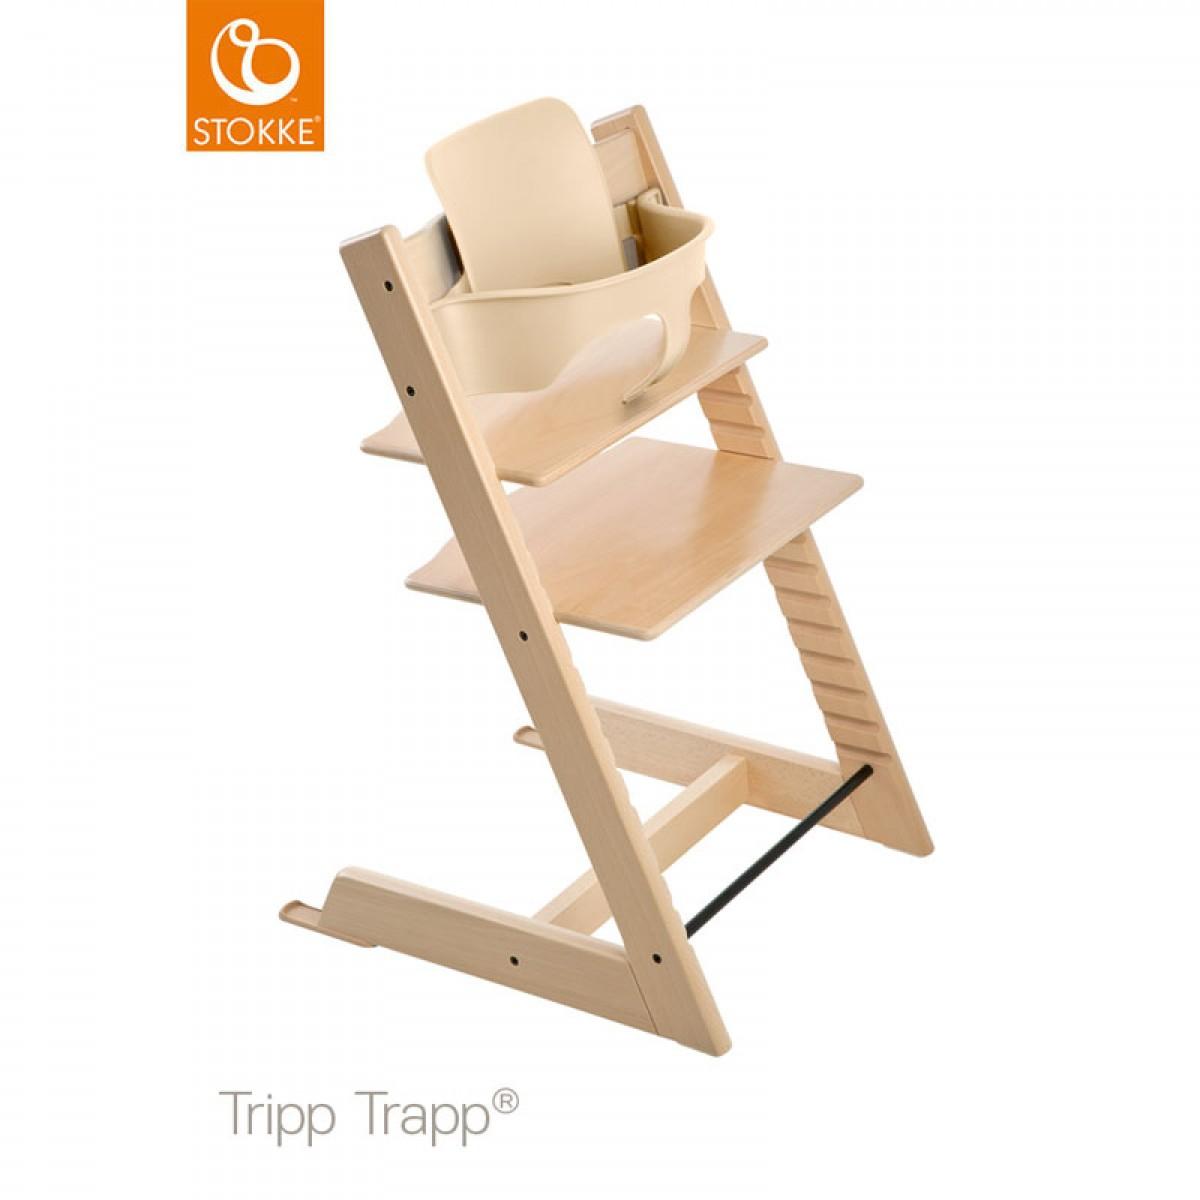 stokke tripp trapp mit babyset. Black Bedroom Furniture Sets. Home Design Ideas